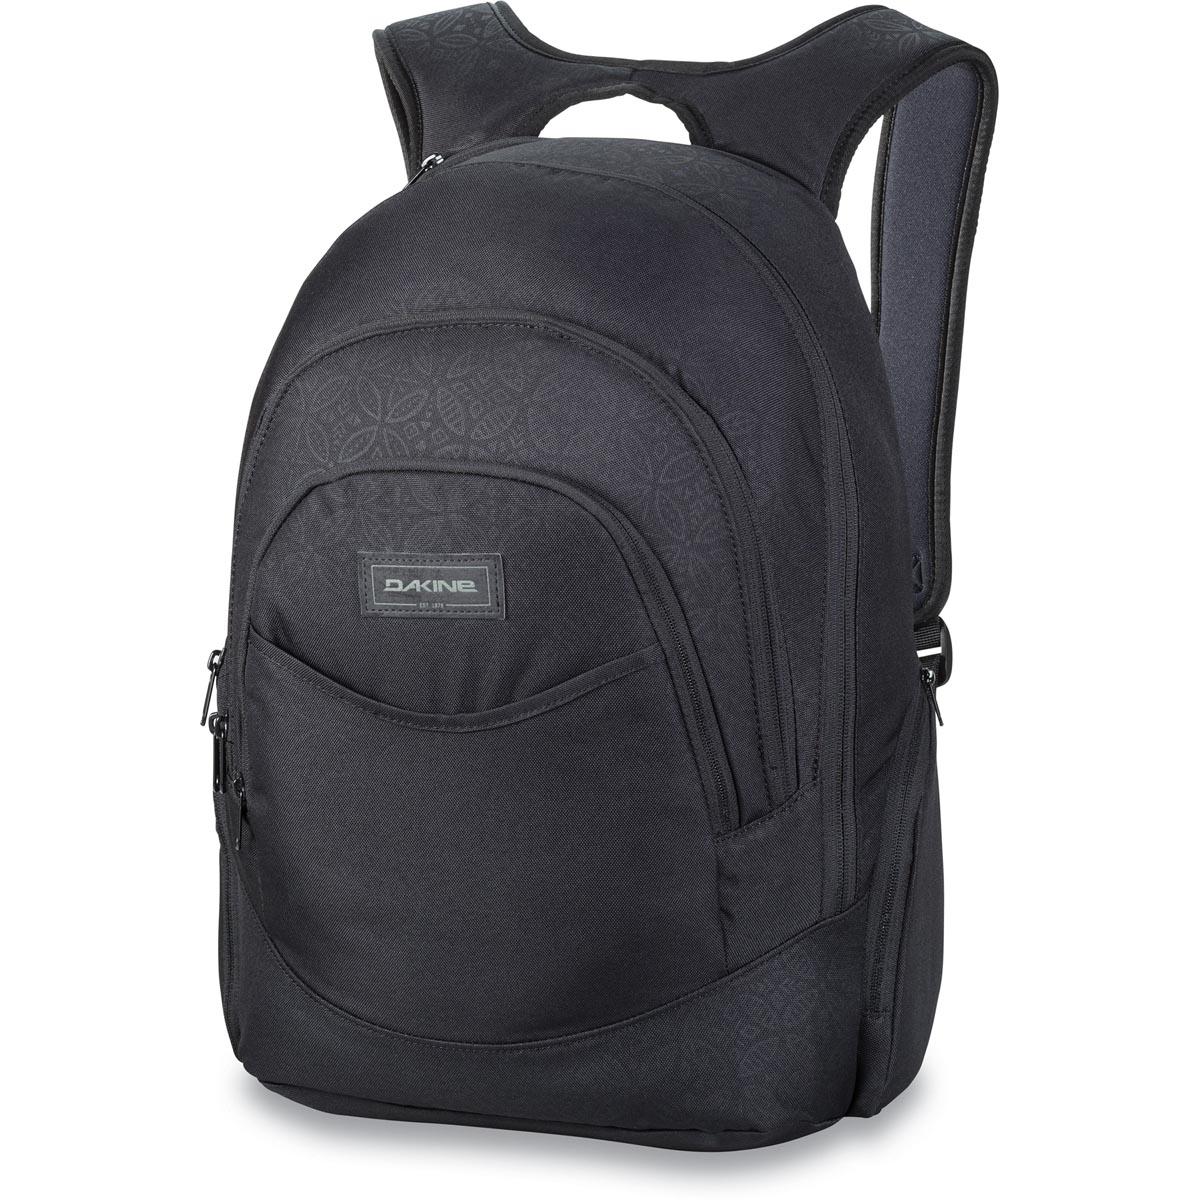 967efb1238f5a Dakine Prom 25L Backpack Tory